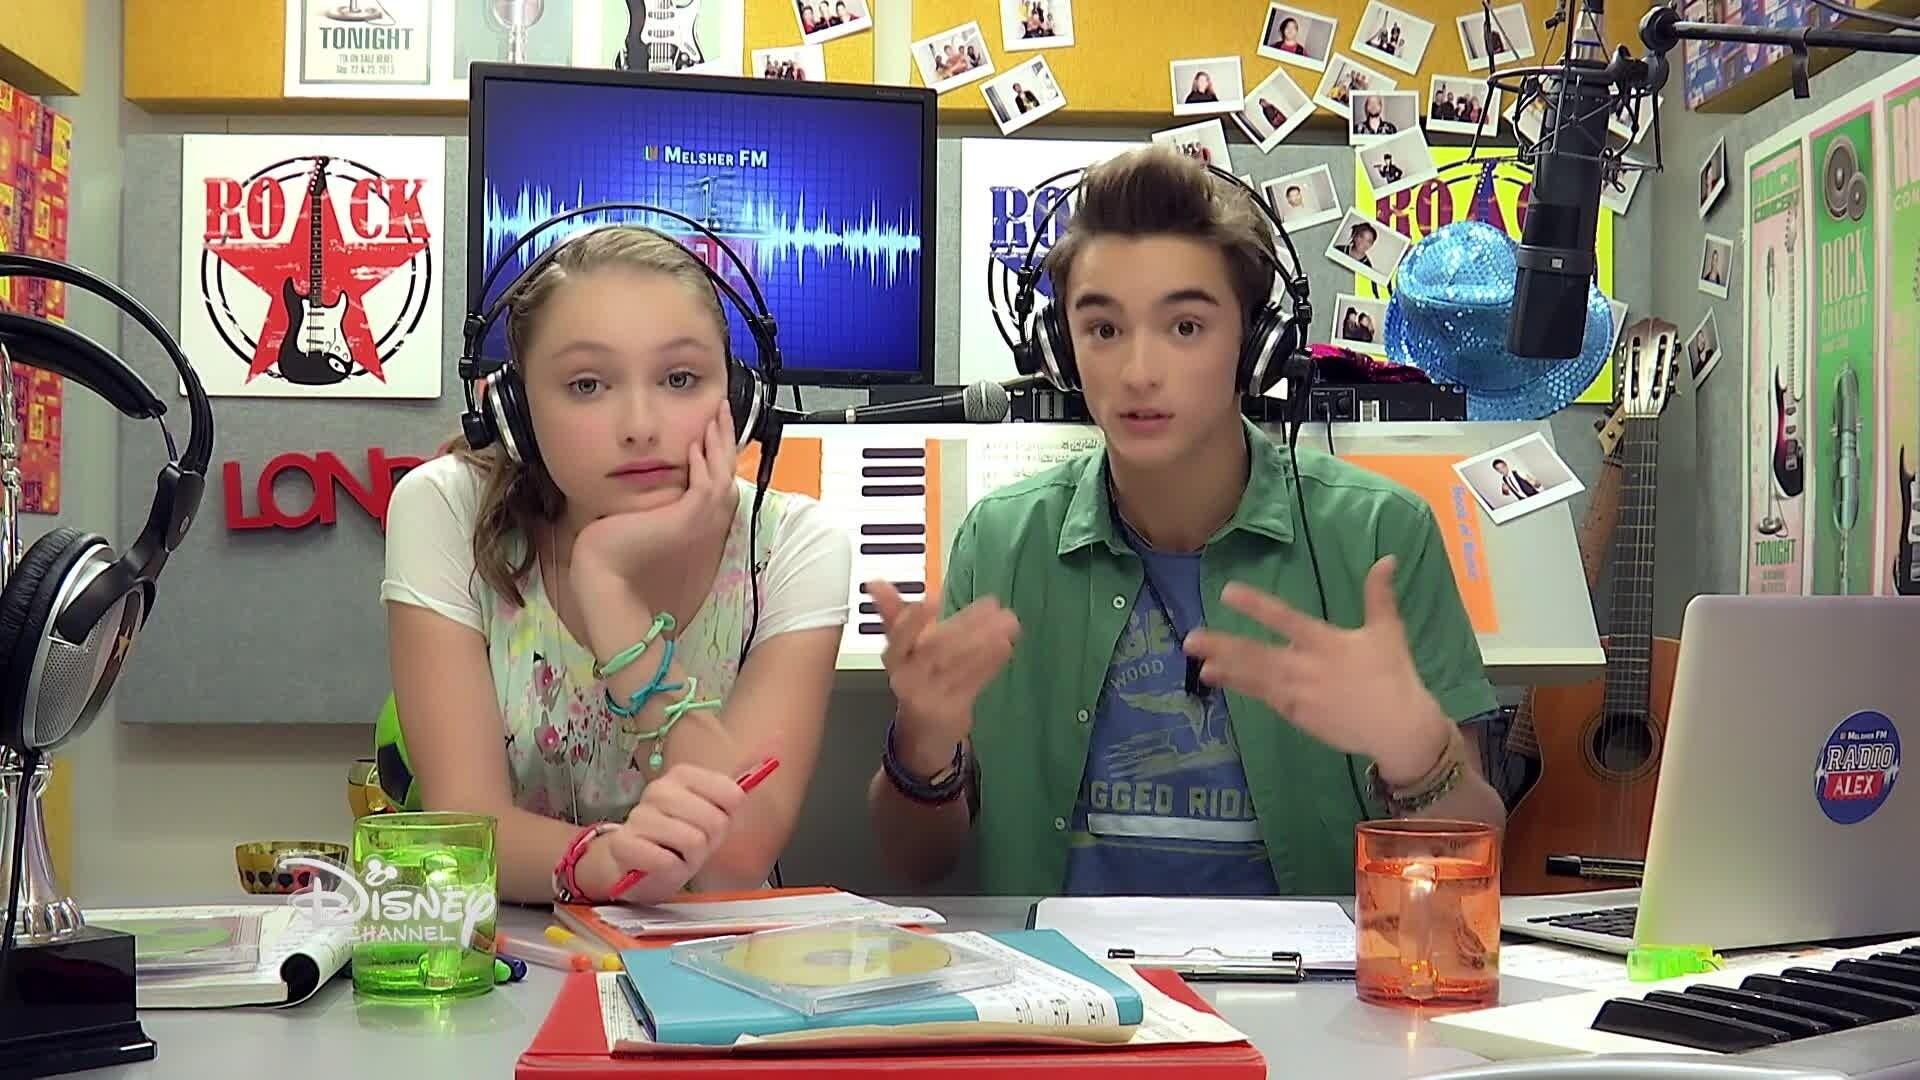 Alex & Co - Radio Alex 38 : Invitée Emma - Les voyages scolaires